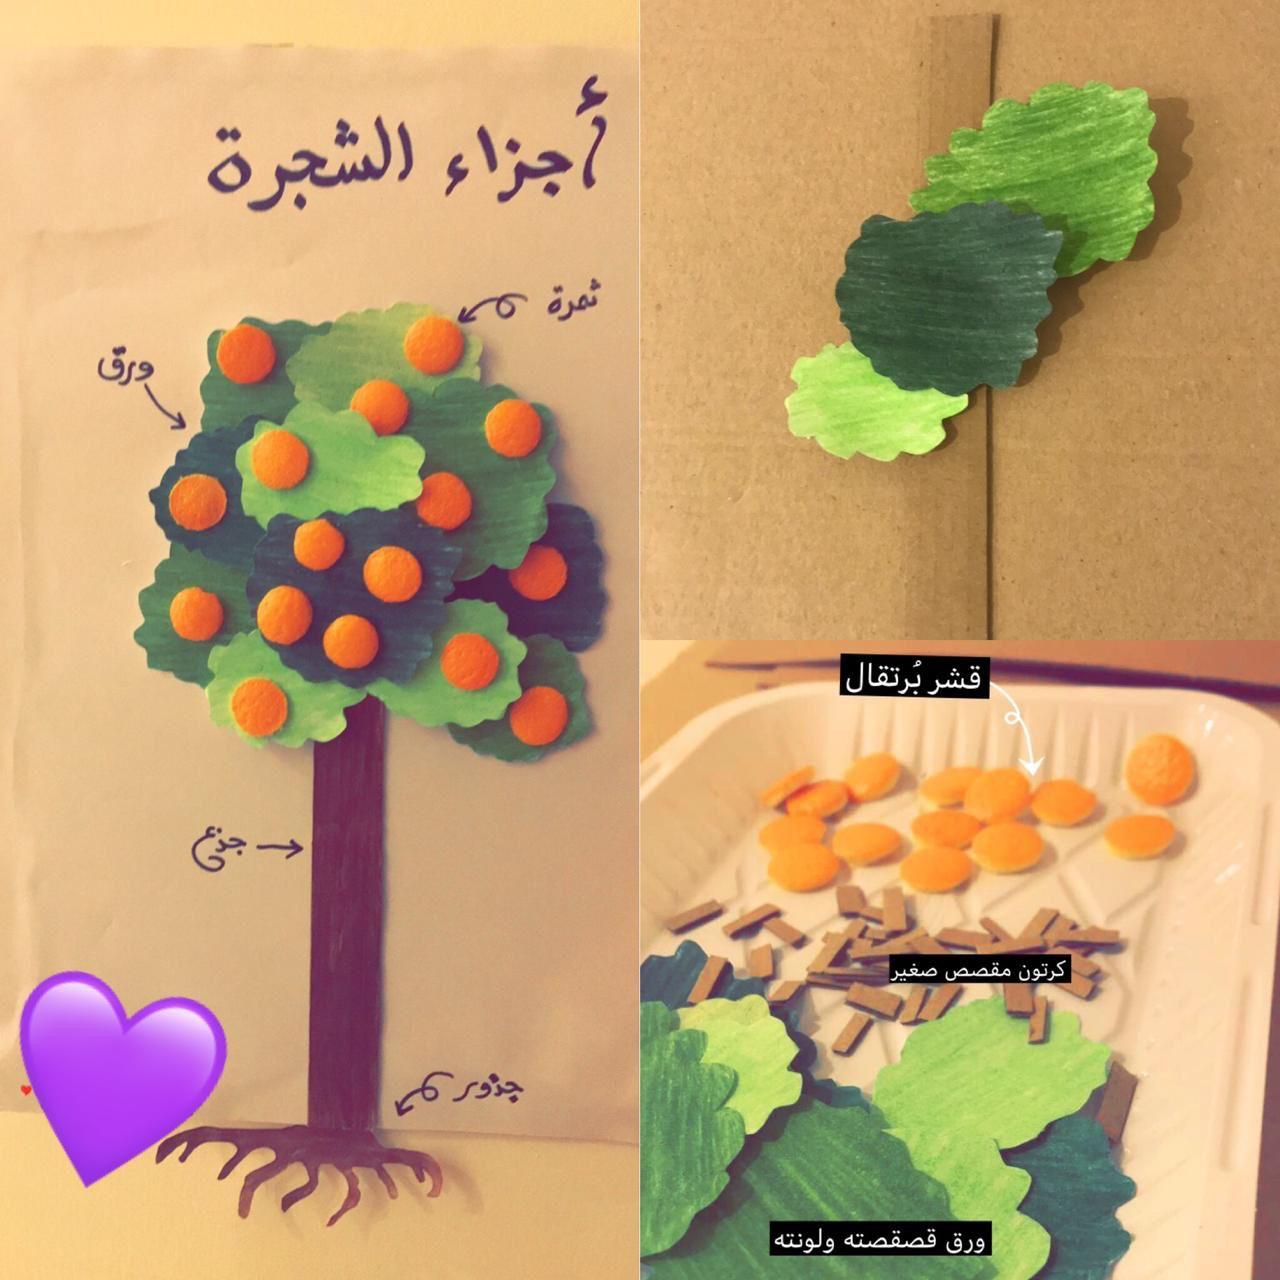 عمل فن ي تعليمي لـ شجرة البرتقال